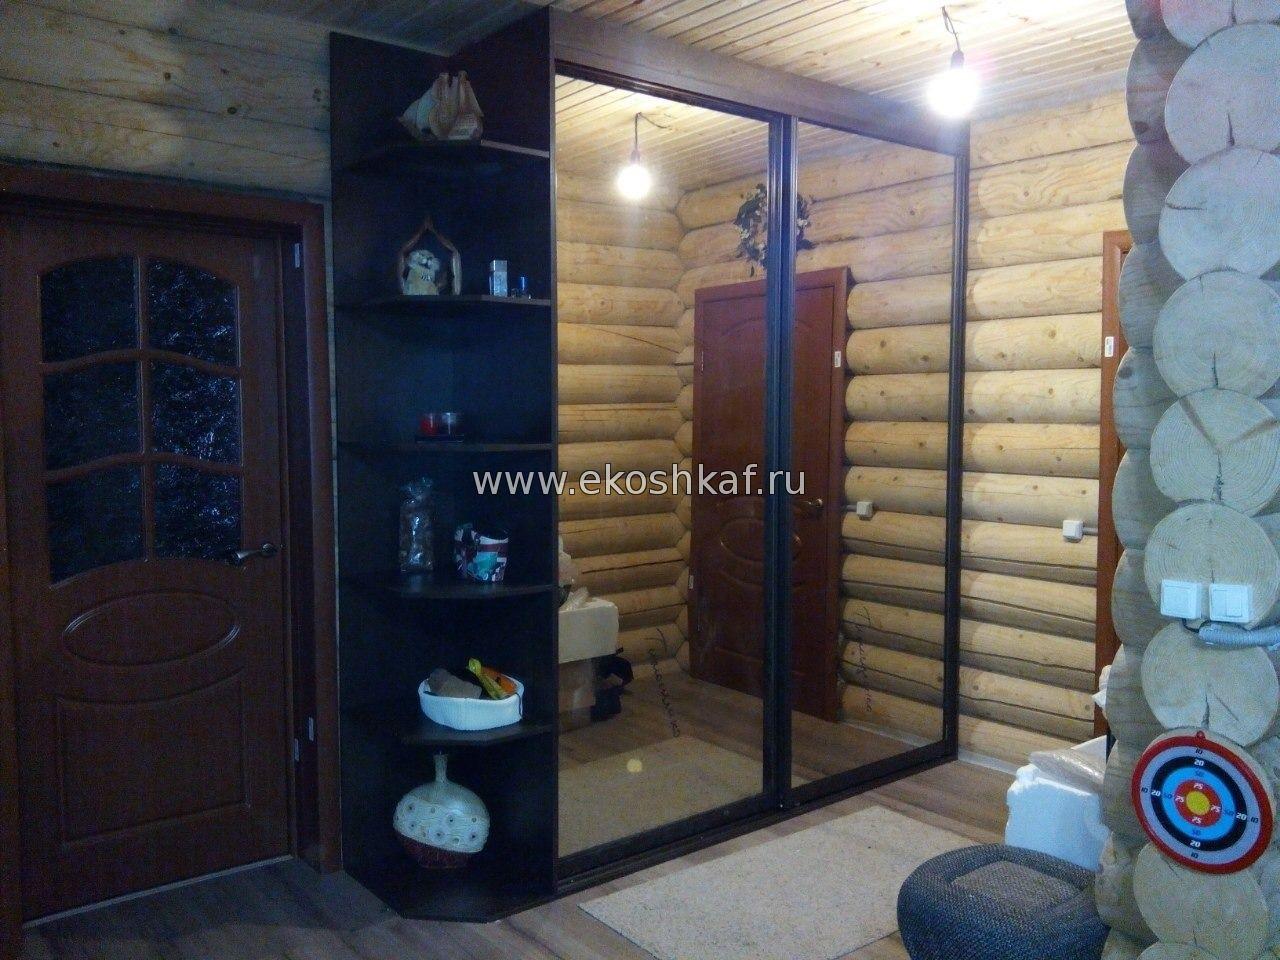 шкаф купе для прихожей на заказ от производителя в Перми